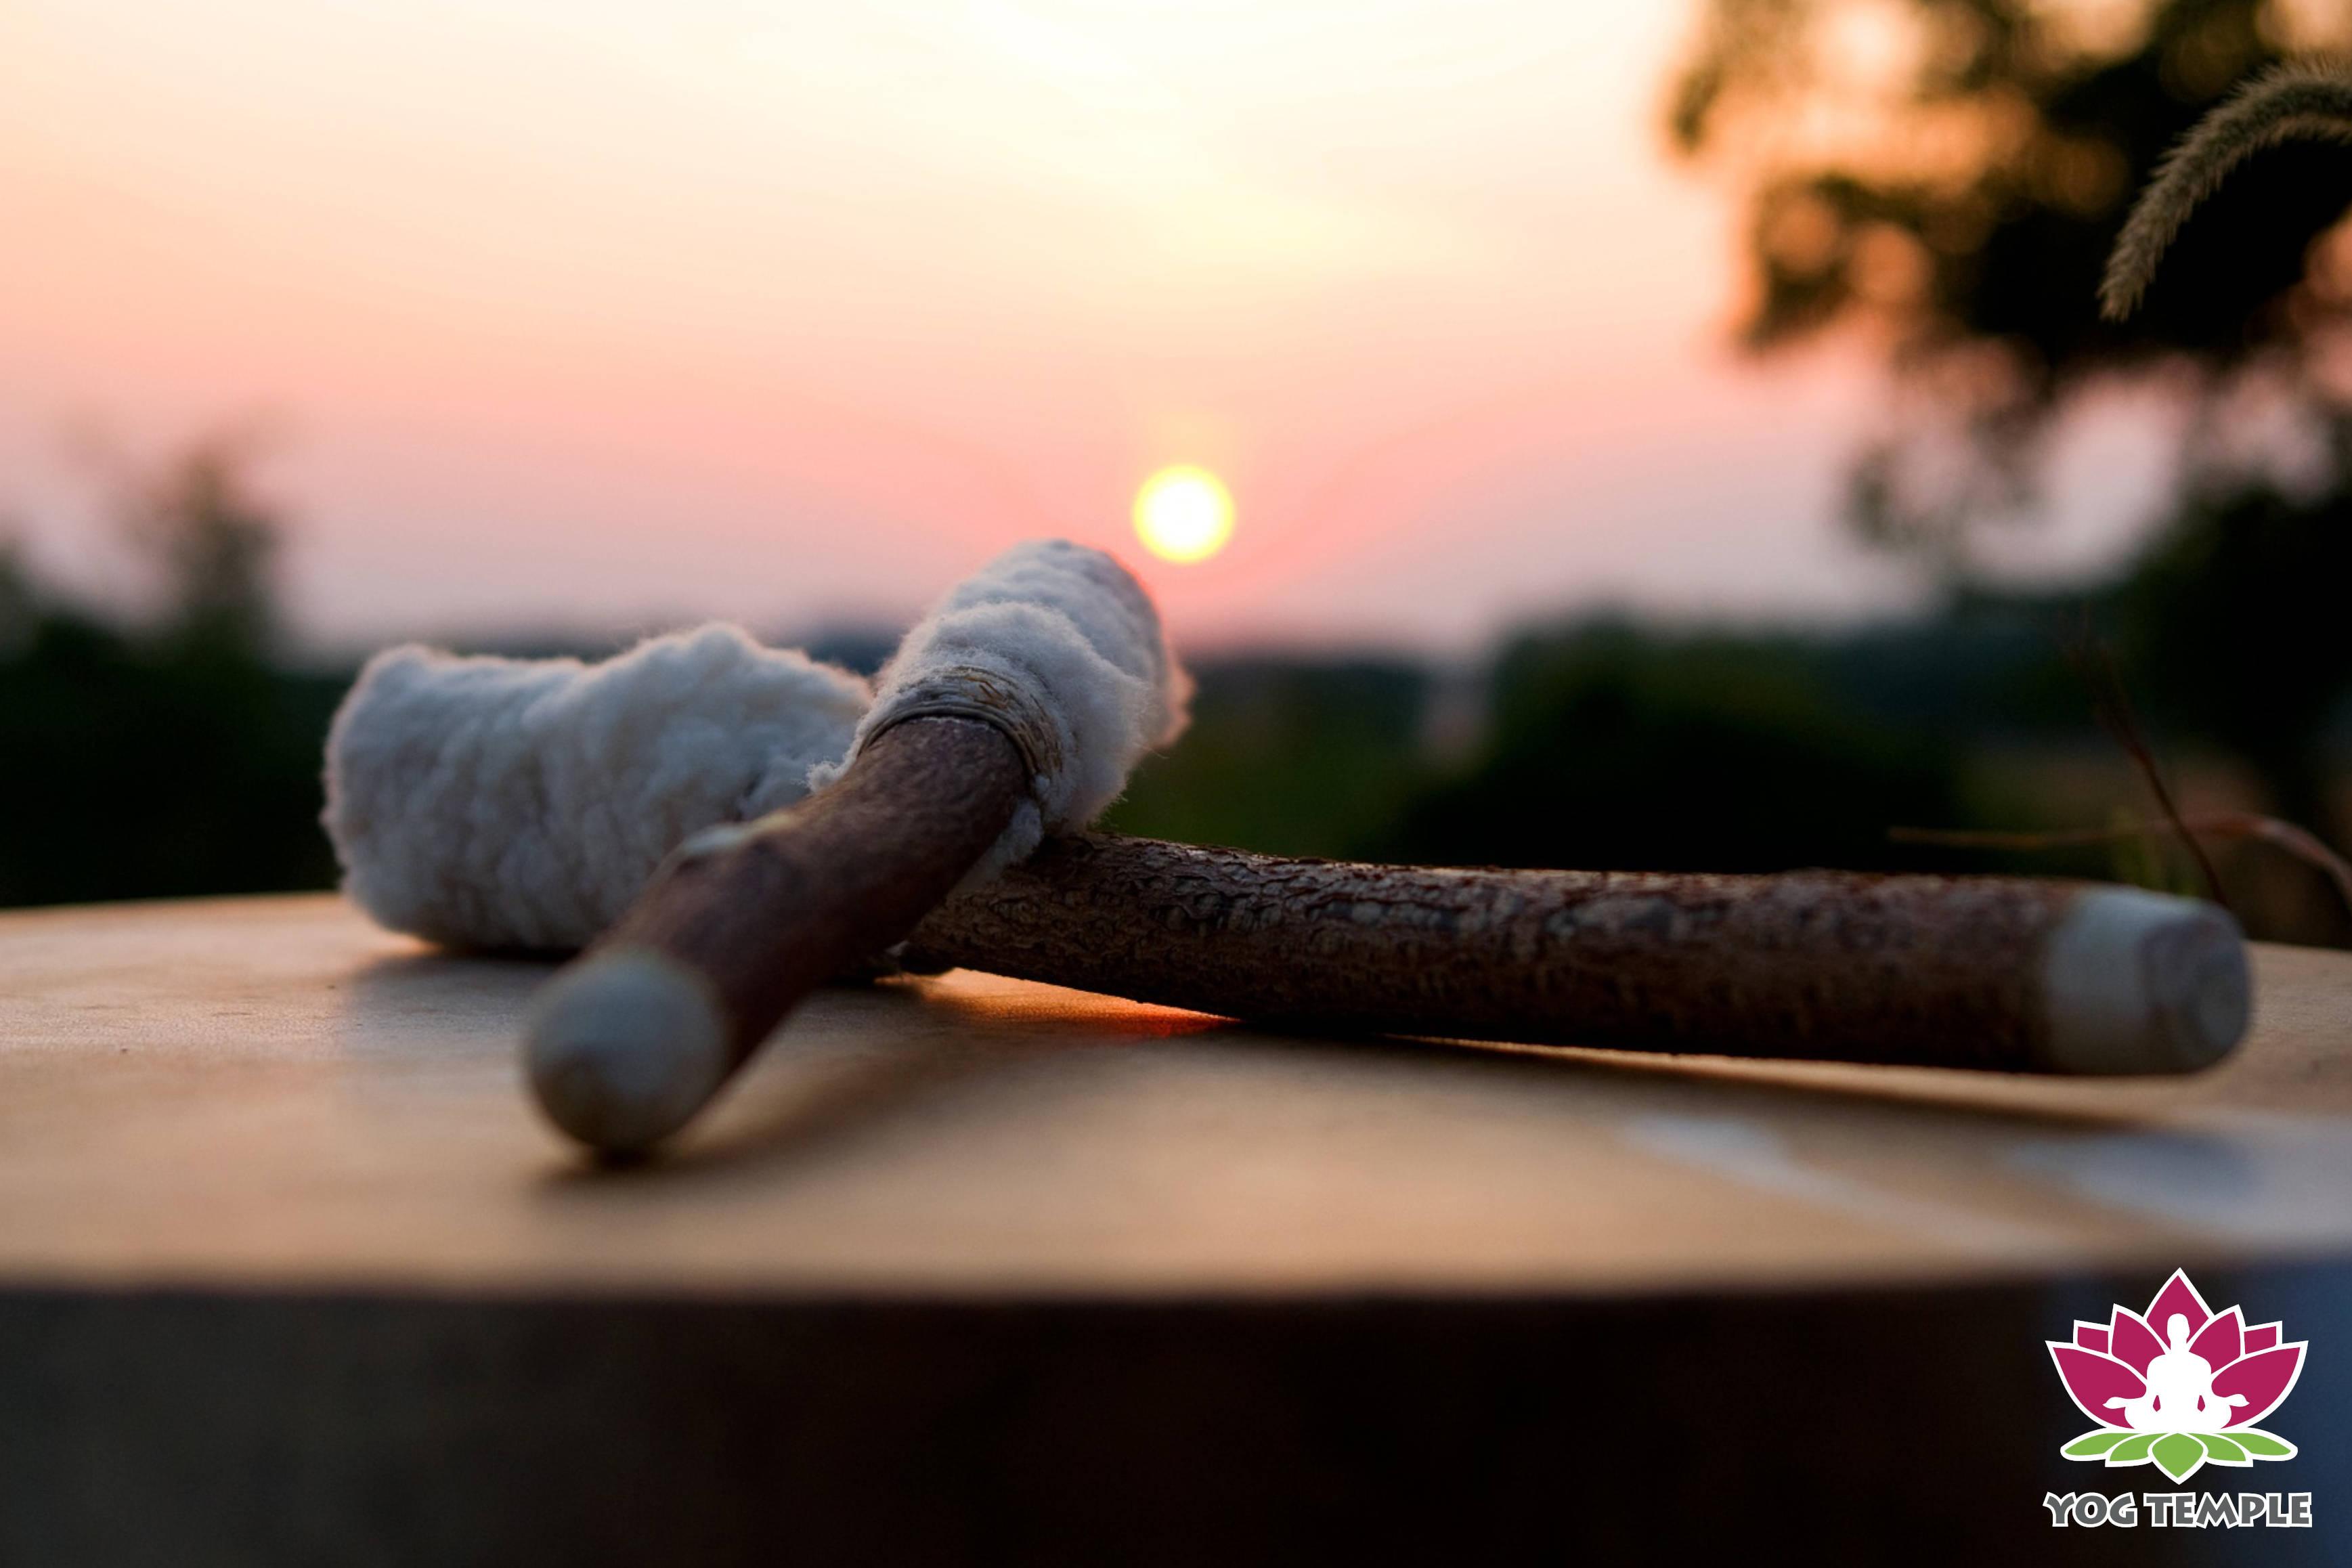 Schamanismus-Ausbildung am Auszeitplatz: Tauche ein in die Welt der Schamanen